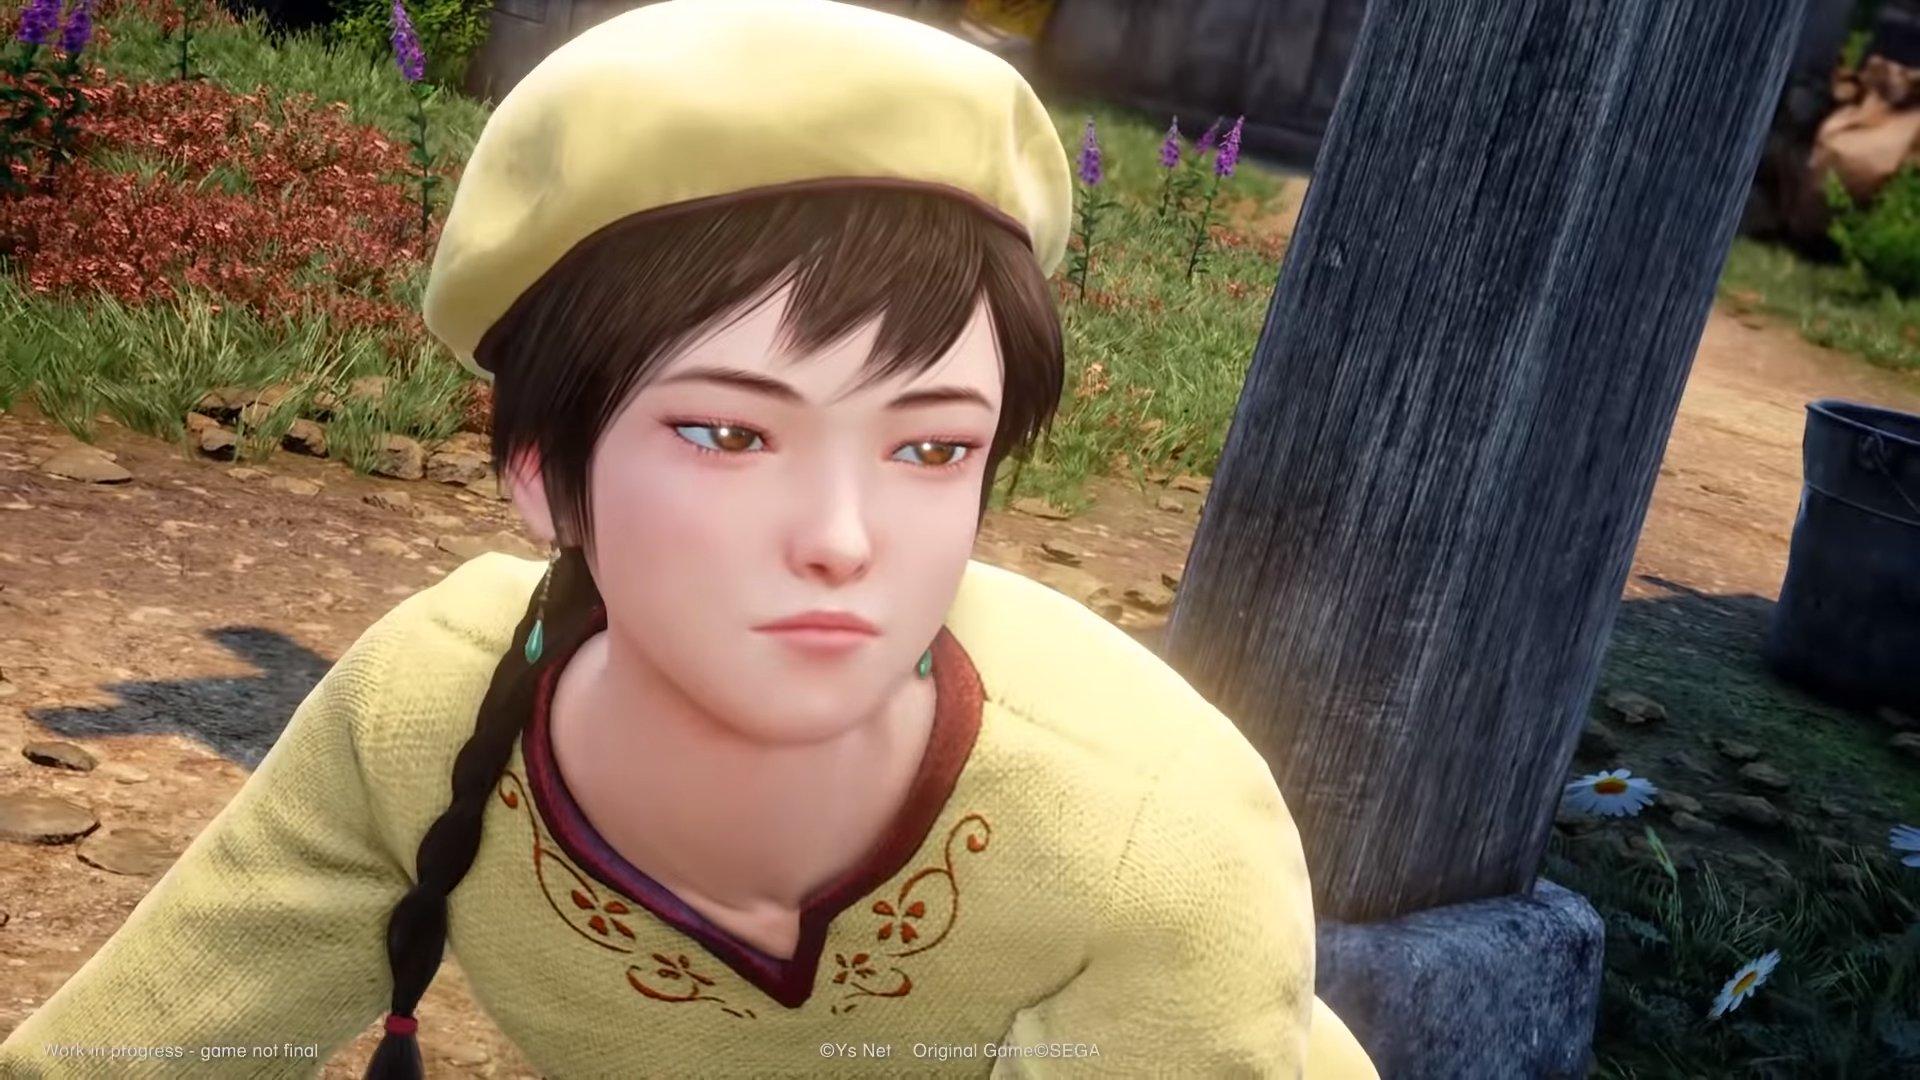 【悲報】シェンムー3の大コケが確定、PS4版の世界売上は僅か5万本だった模様